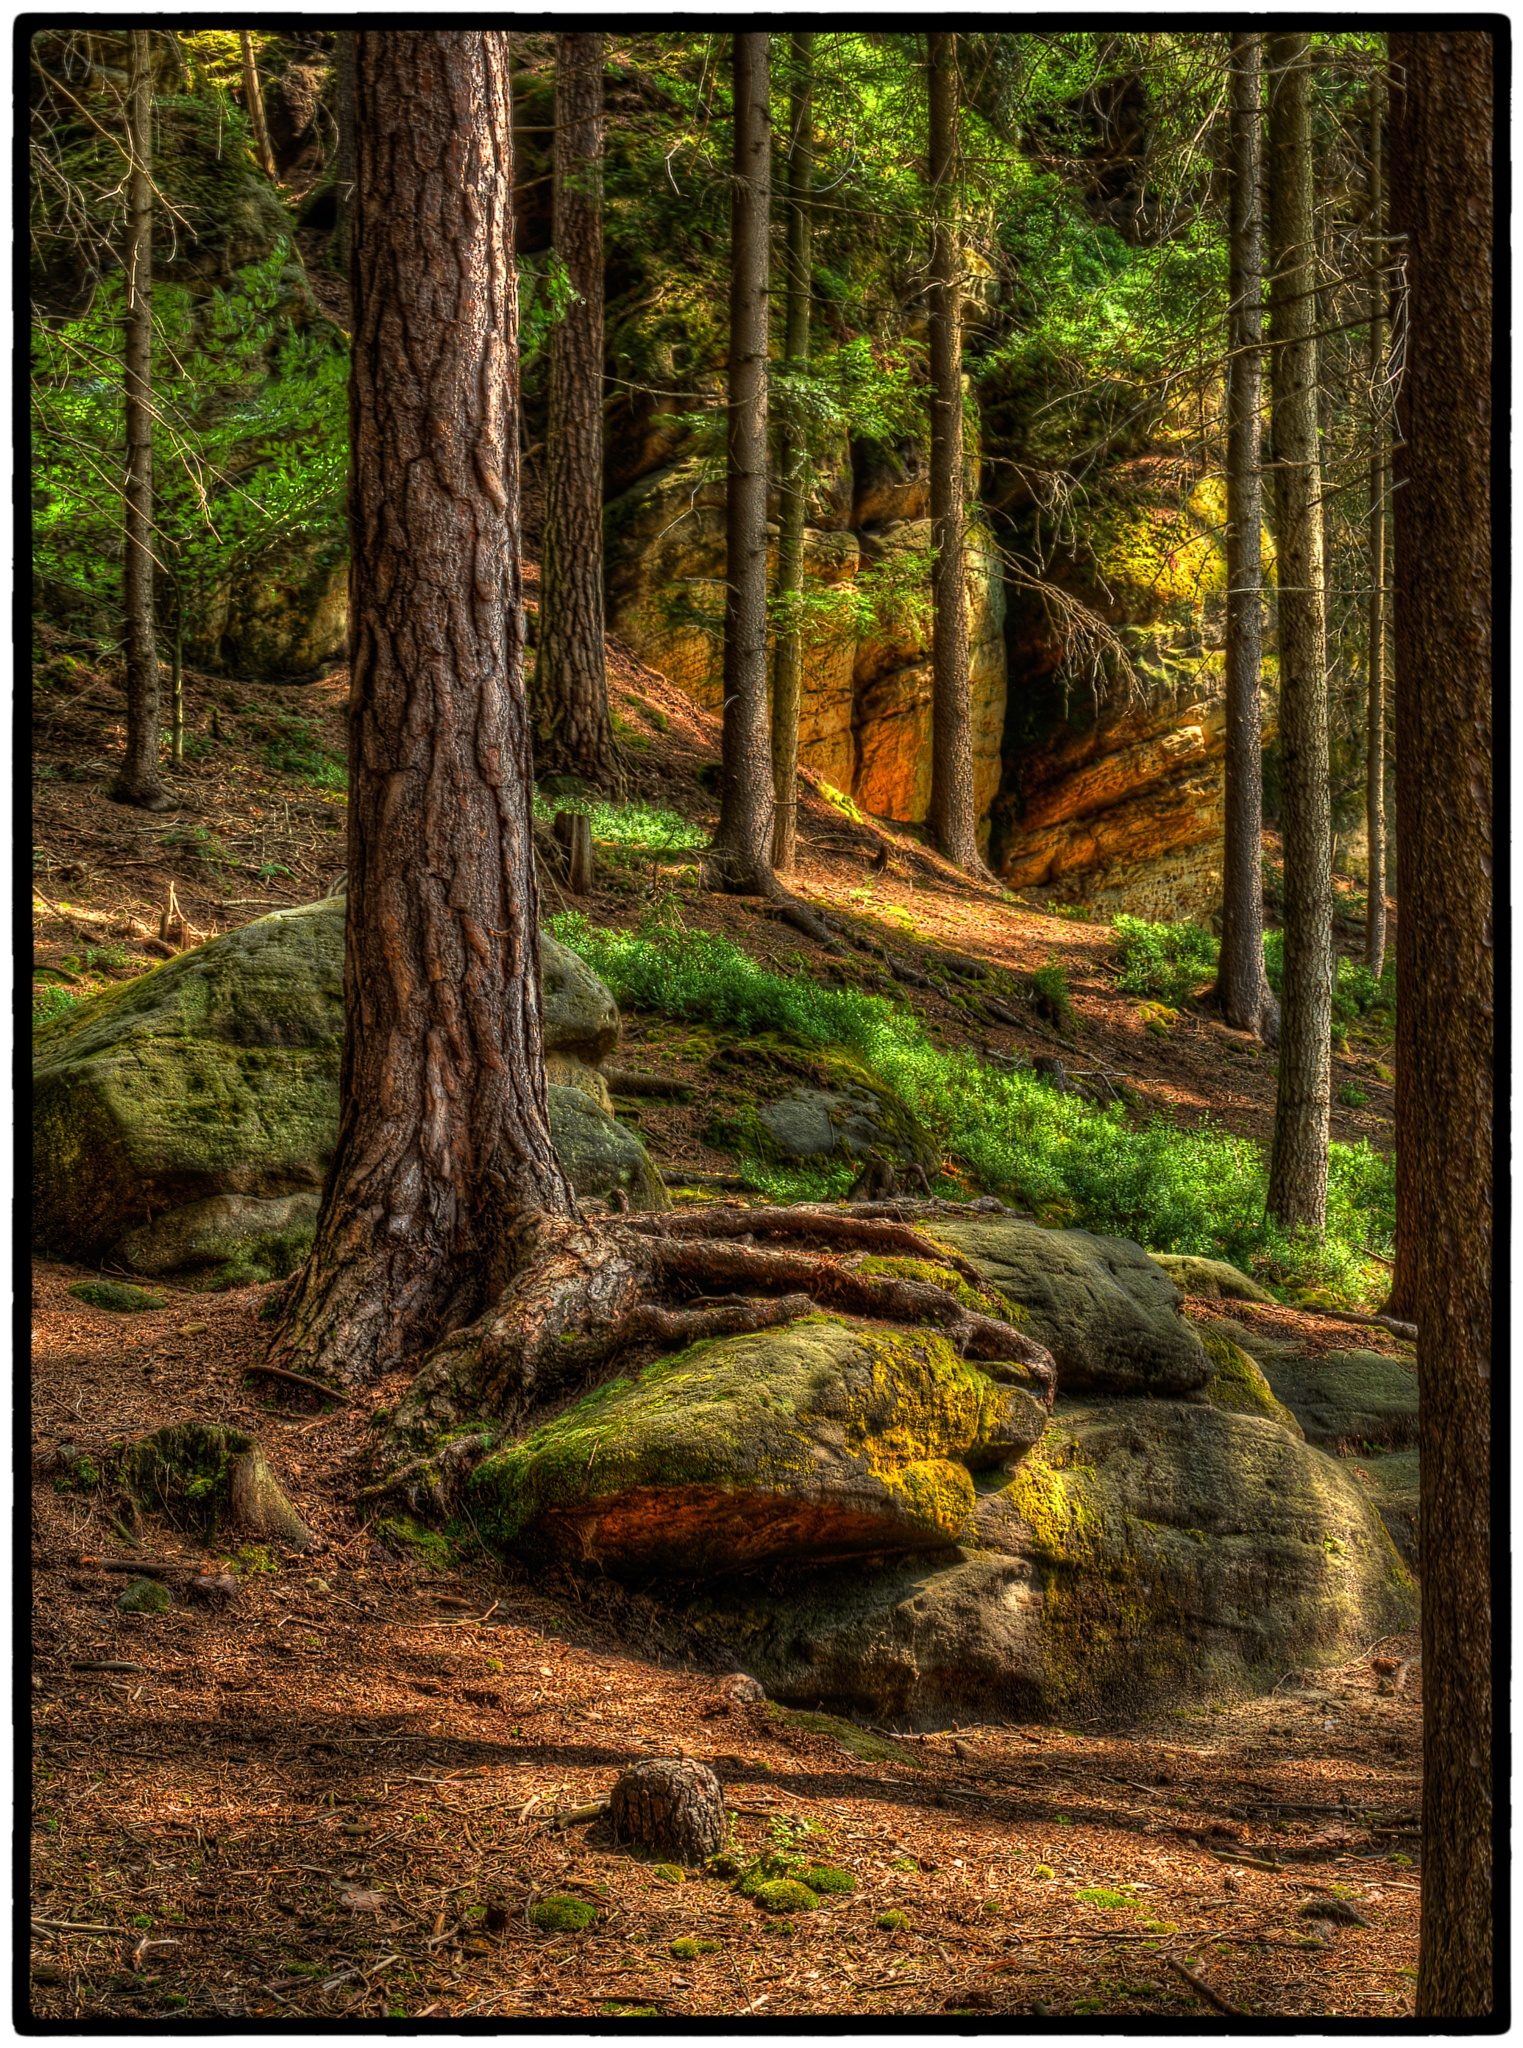 Light in the forest by Klaus von Jansdorf